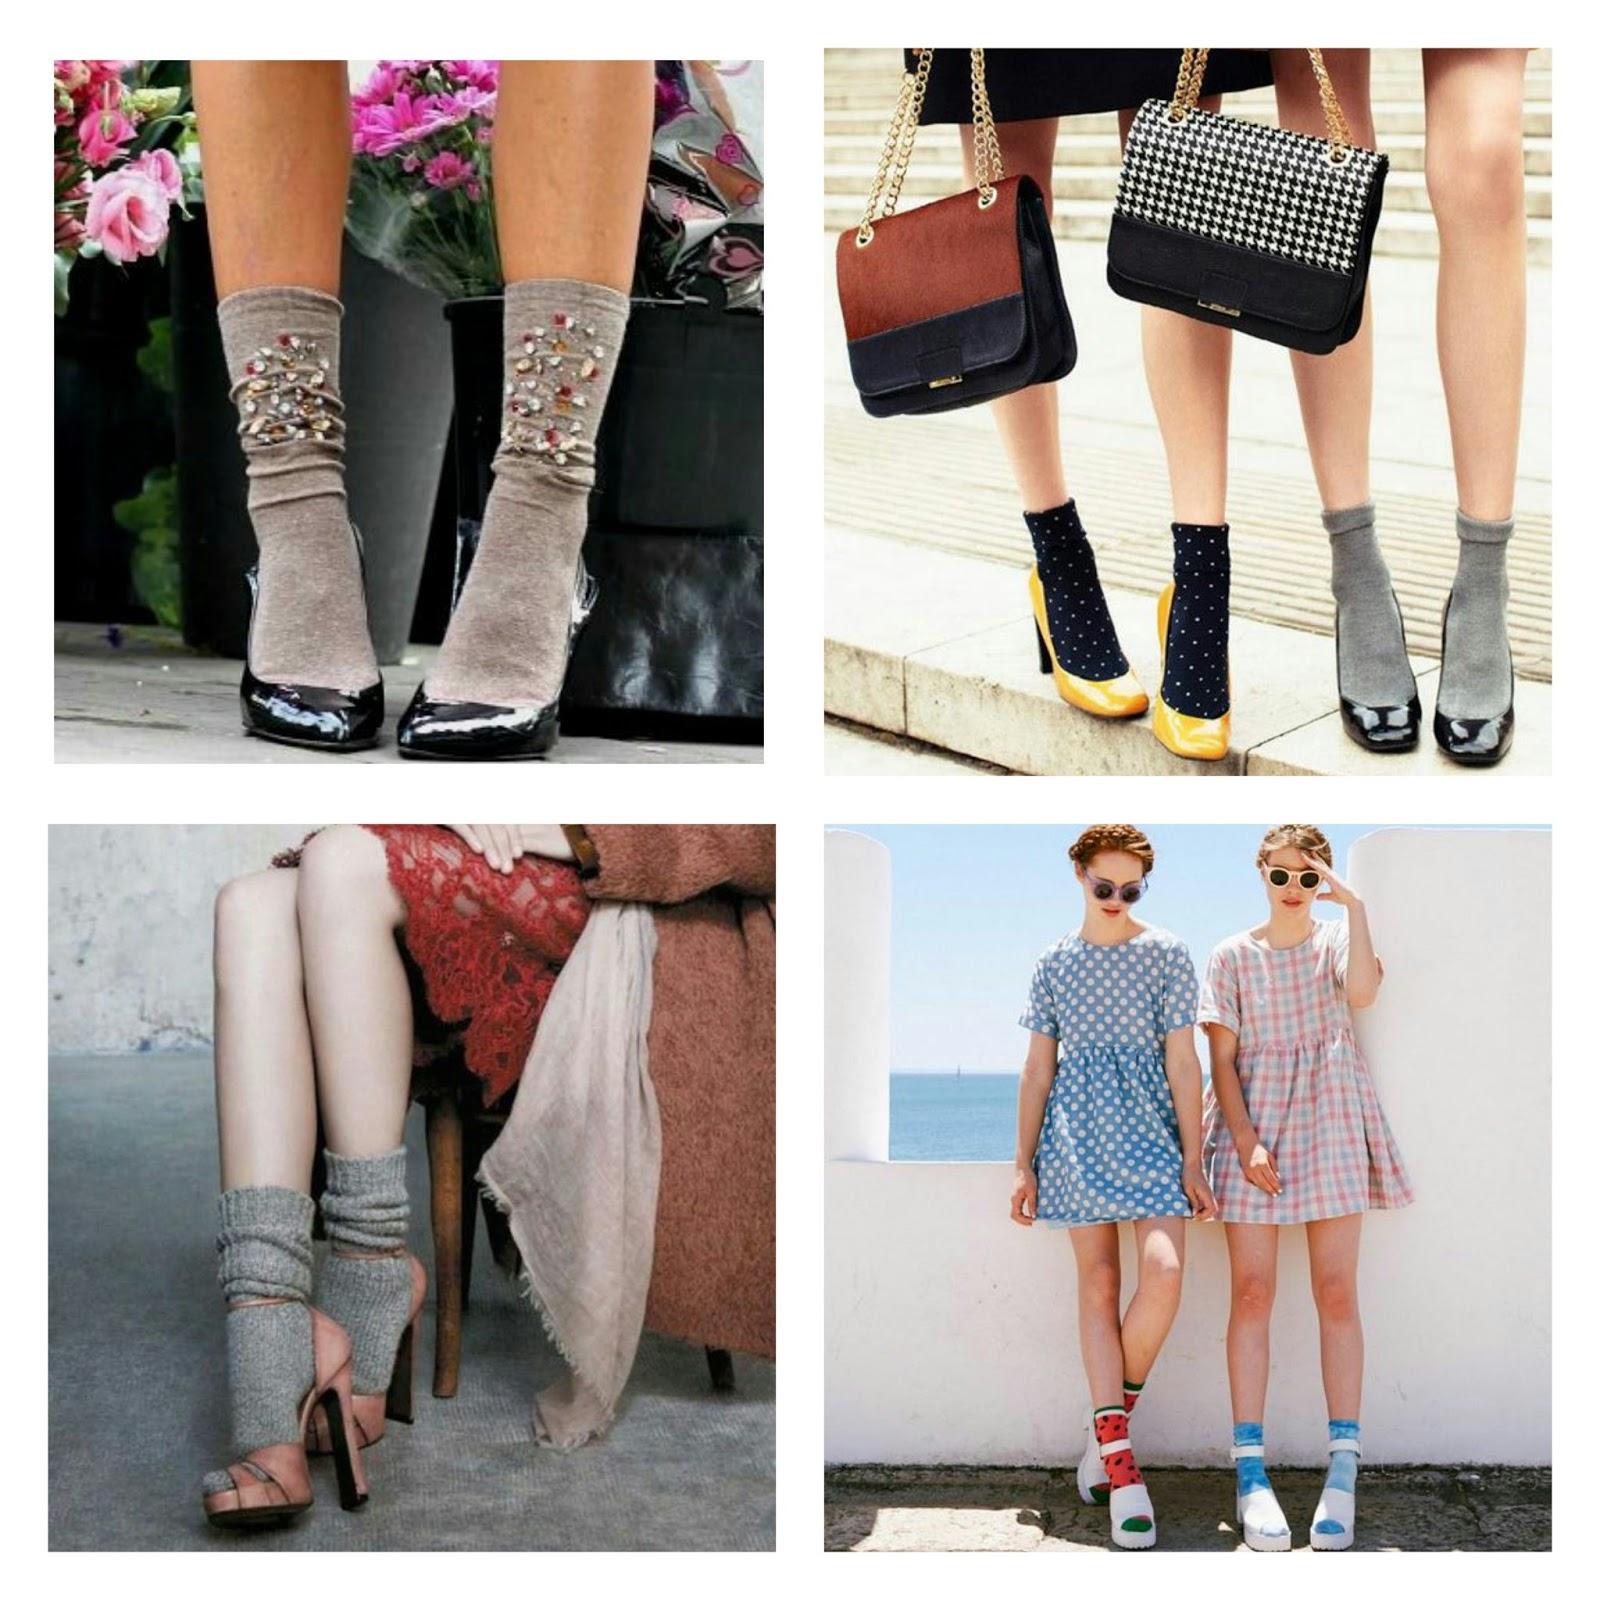 Çoraplar sandaletlerle mi birlikte